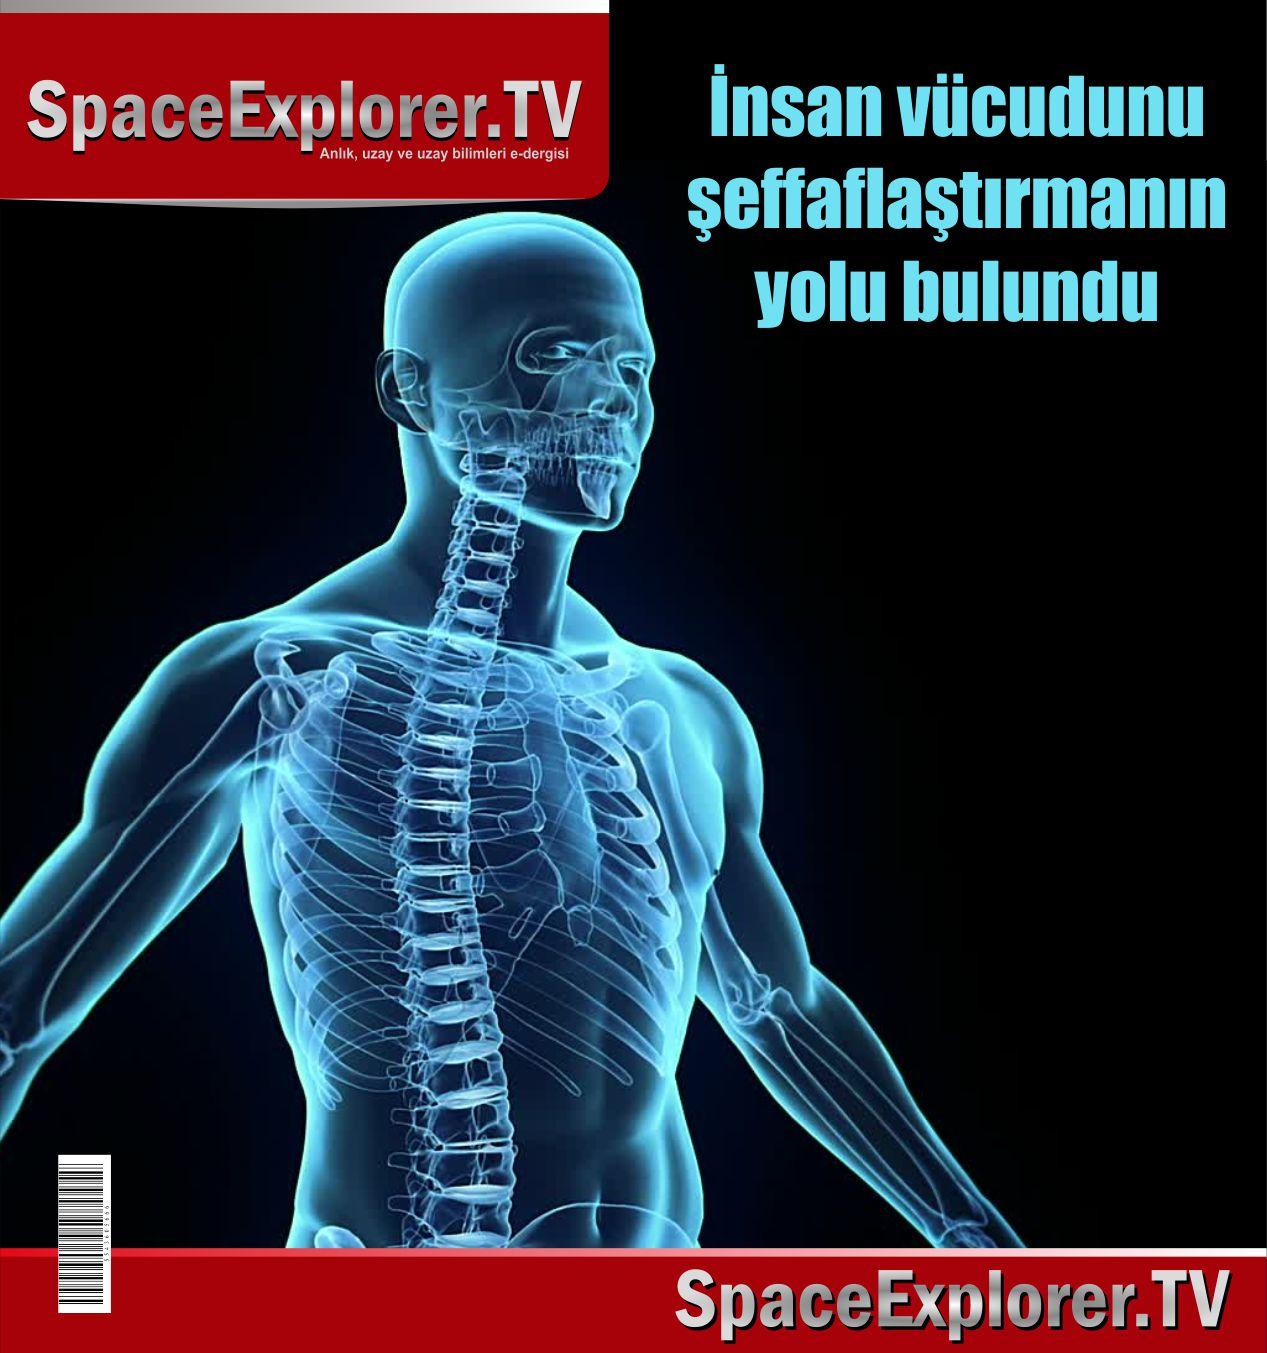 Biyoloji, Görünmezlik, Space Explorer, İnsan vücudunun sırları,